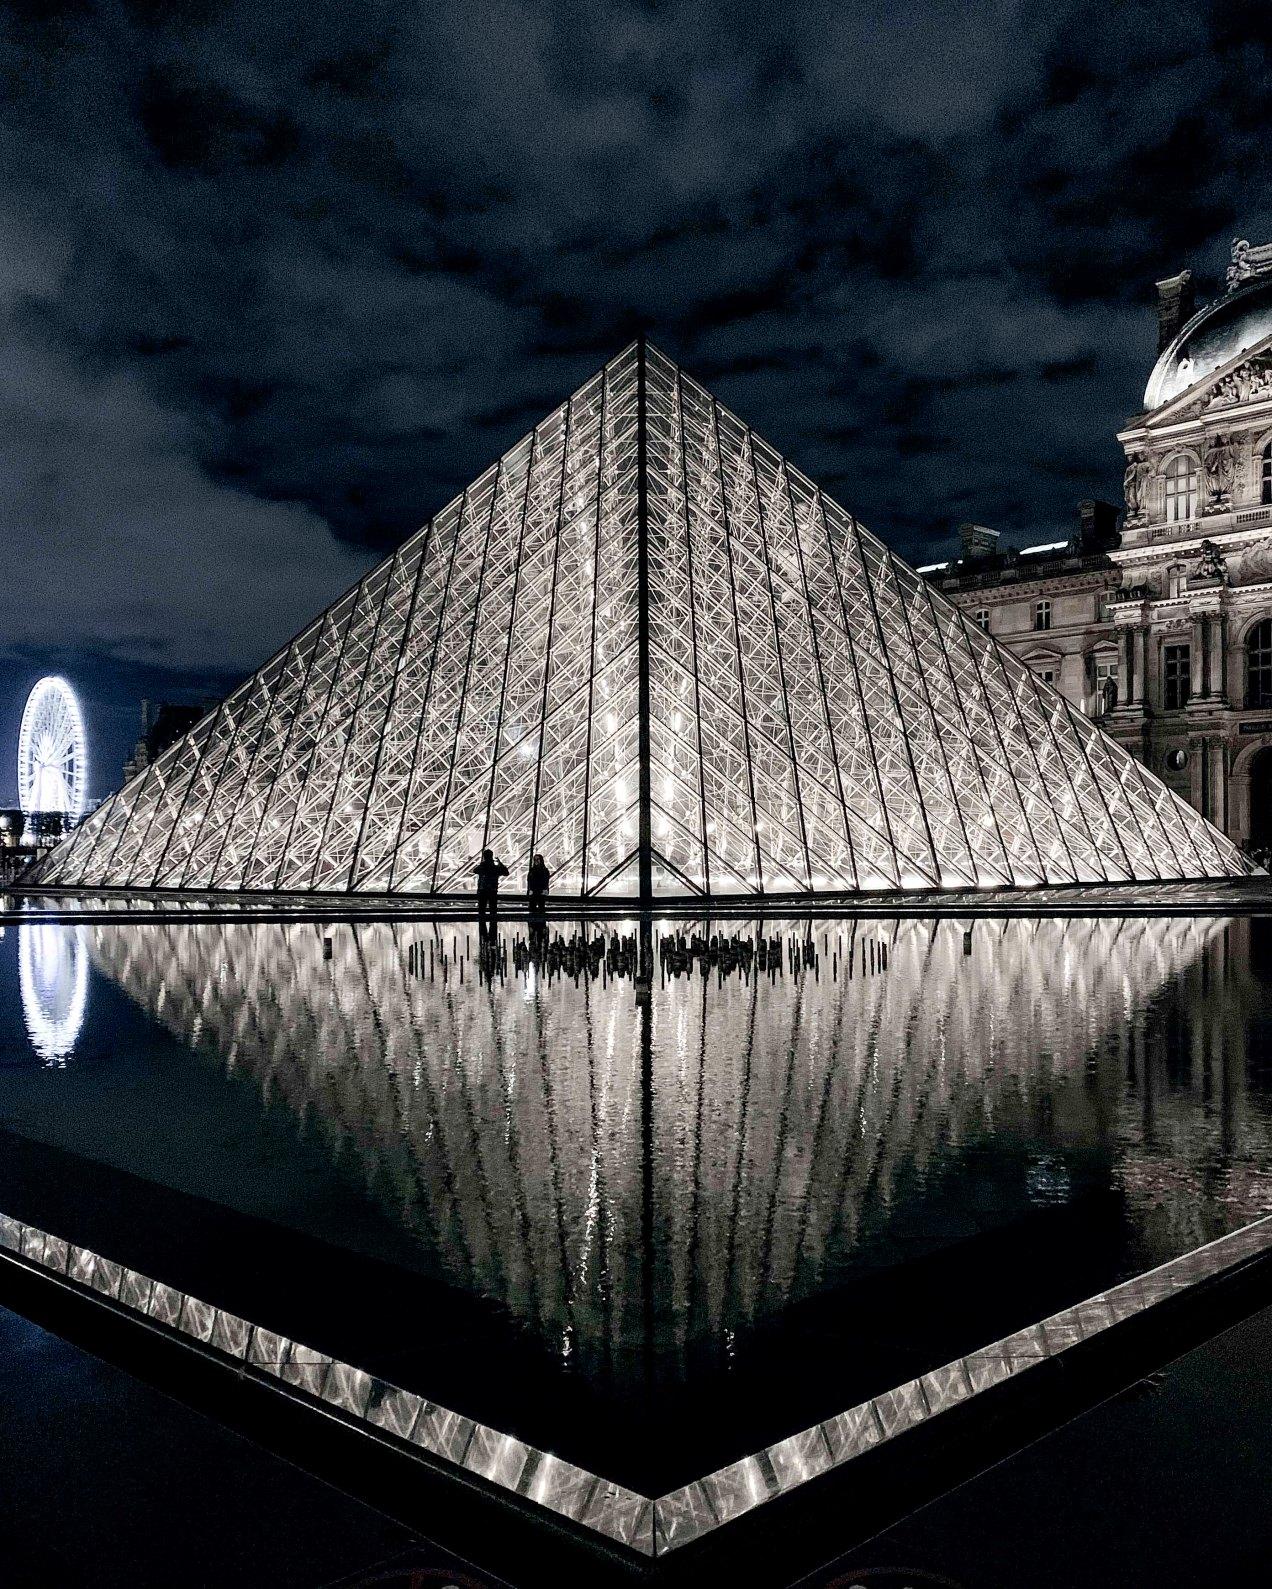 La pyramide du Louvre en hiver, gildalliere, 2019